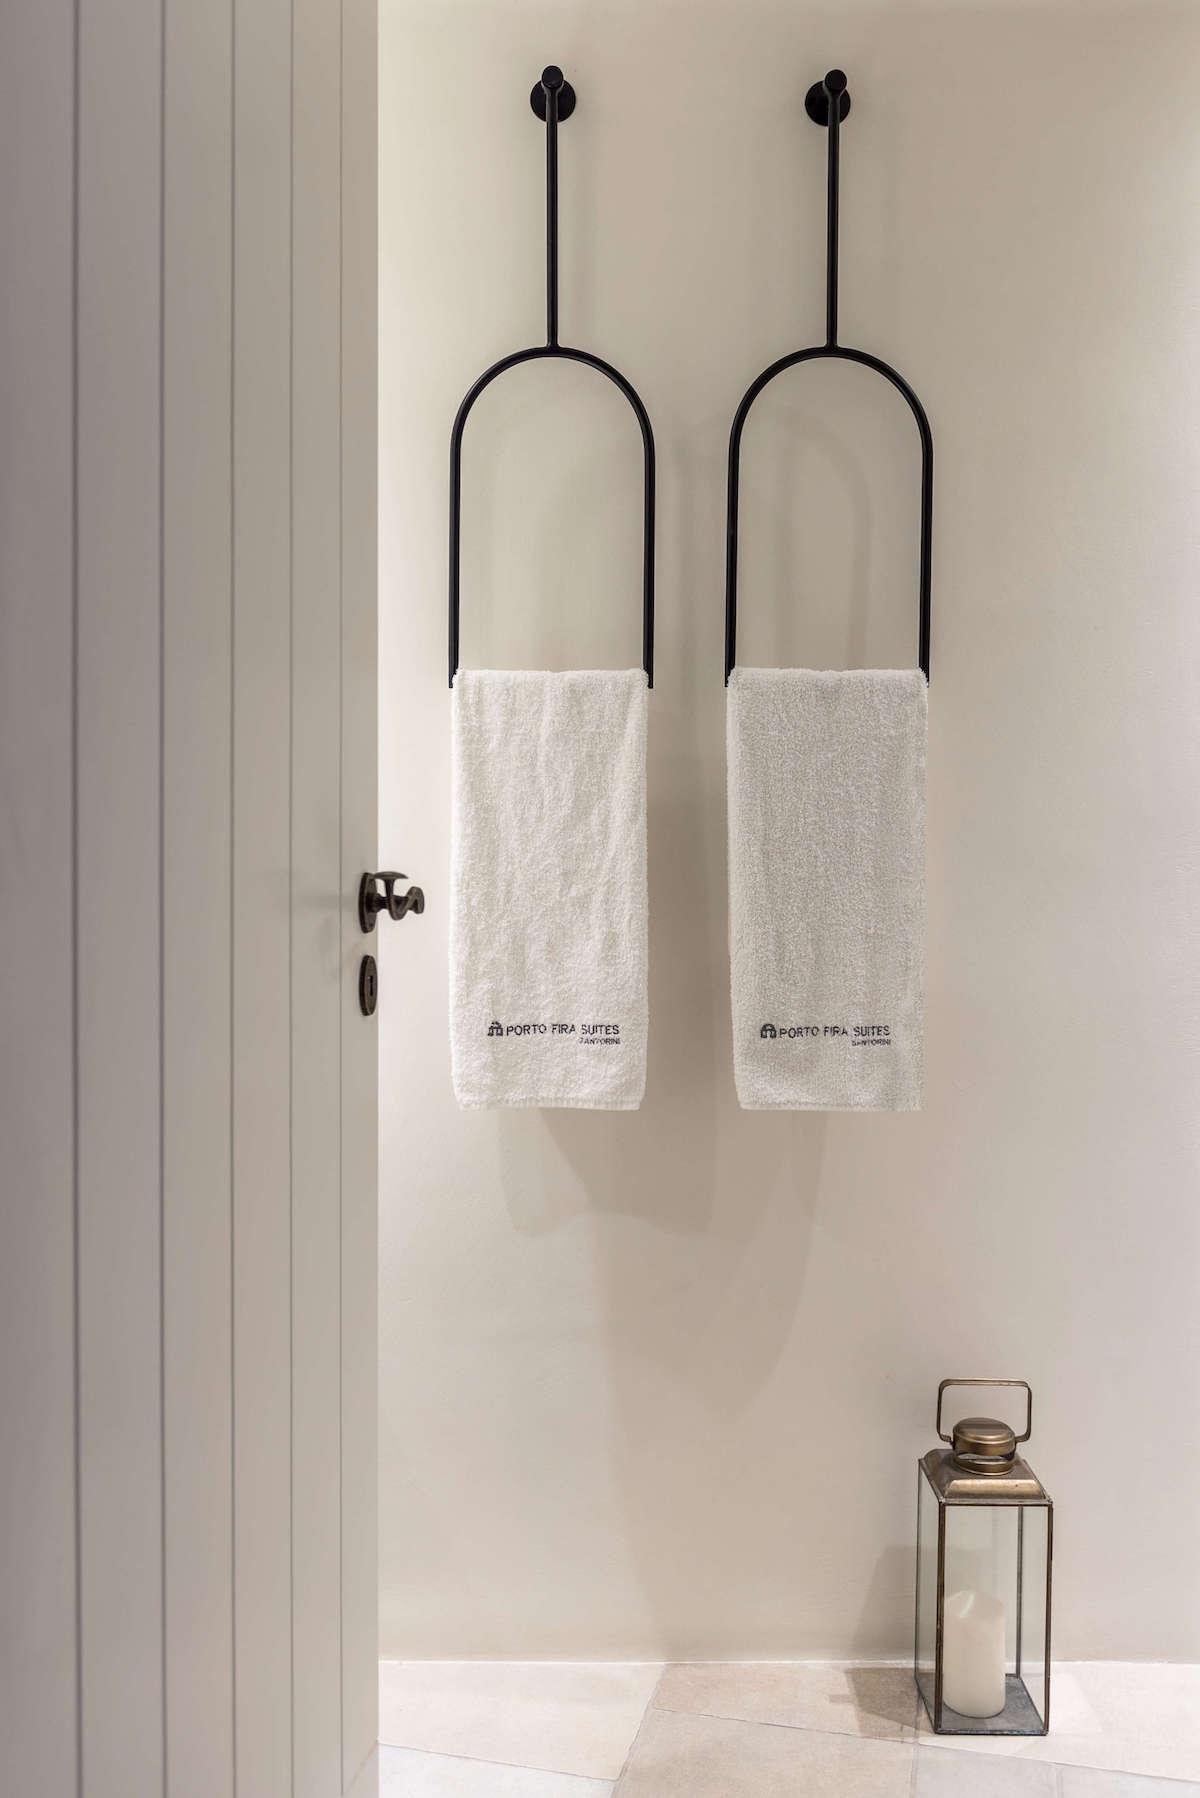 salle de bain blanche noir mat porte-serviette suspendu lanterne